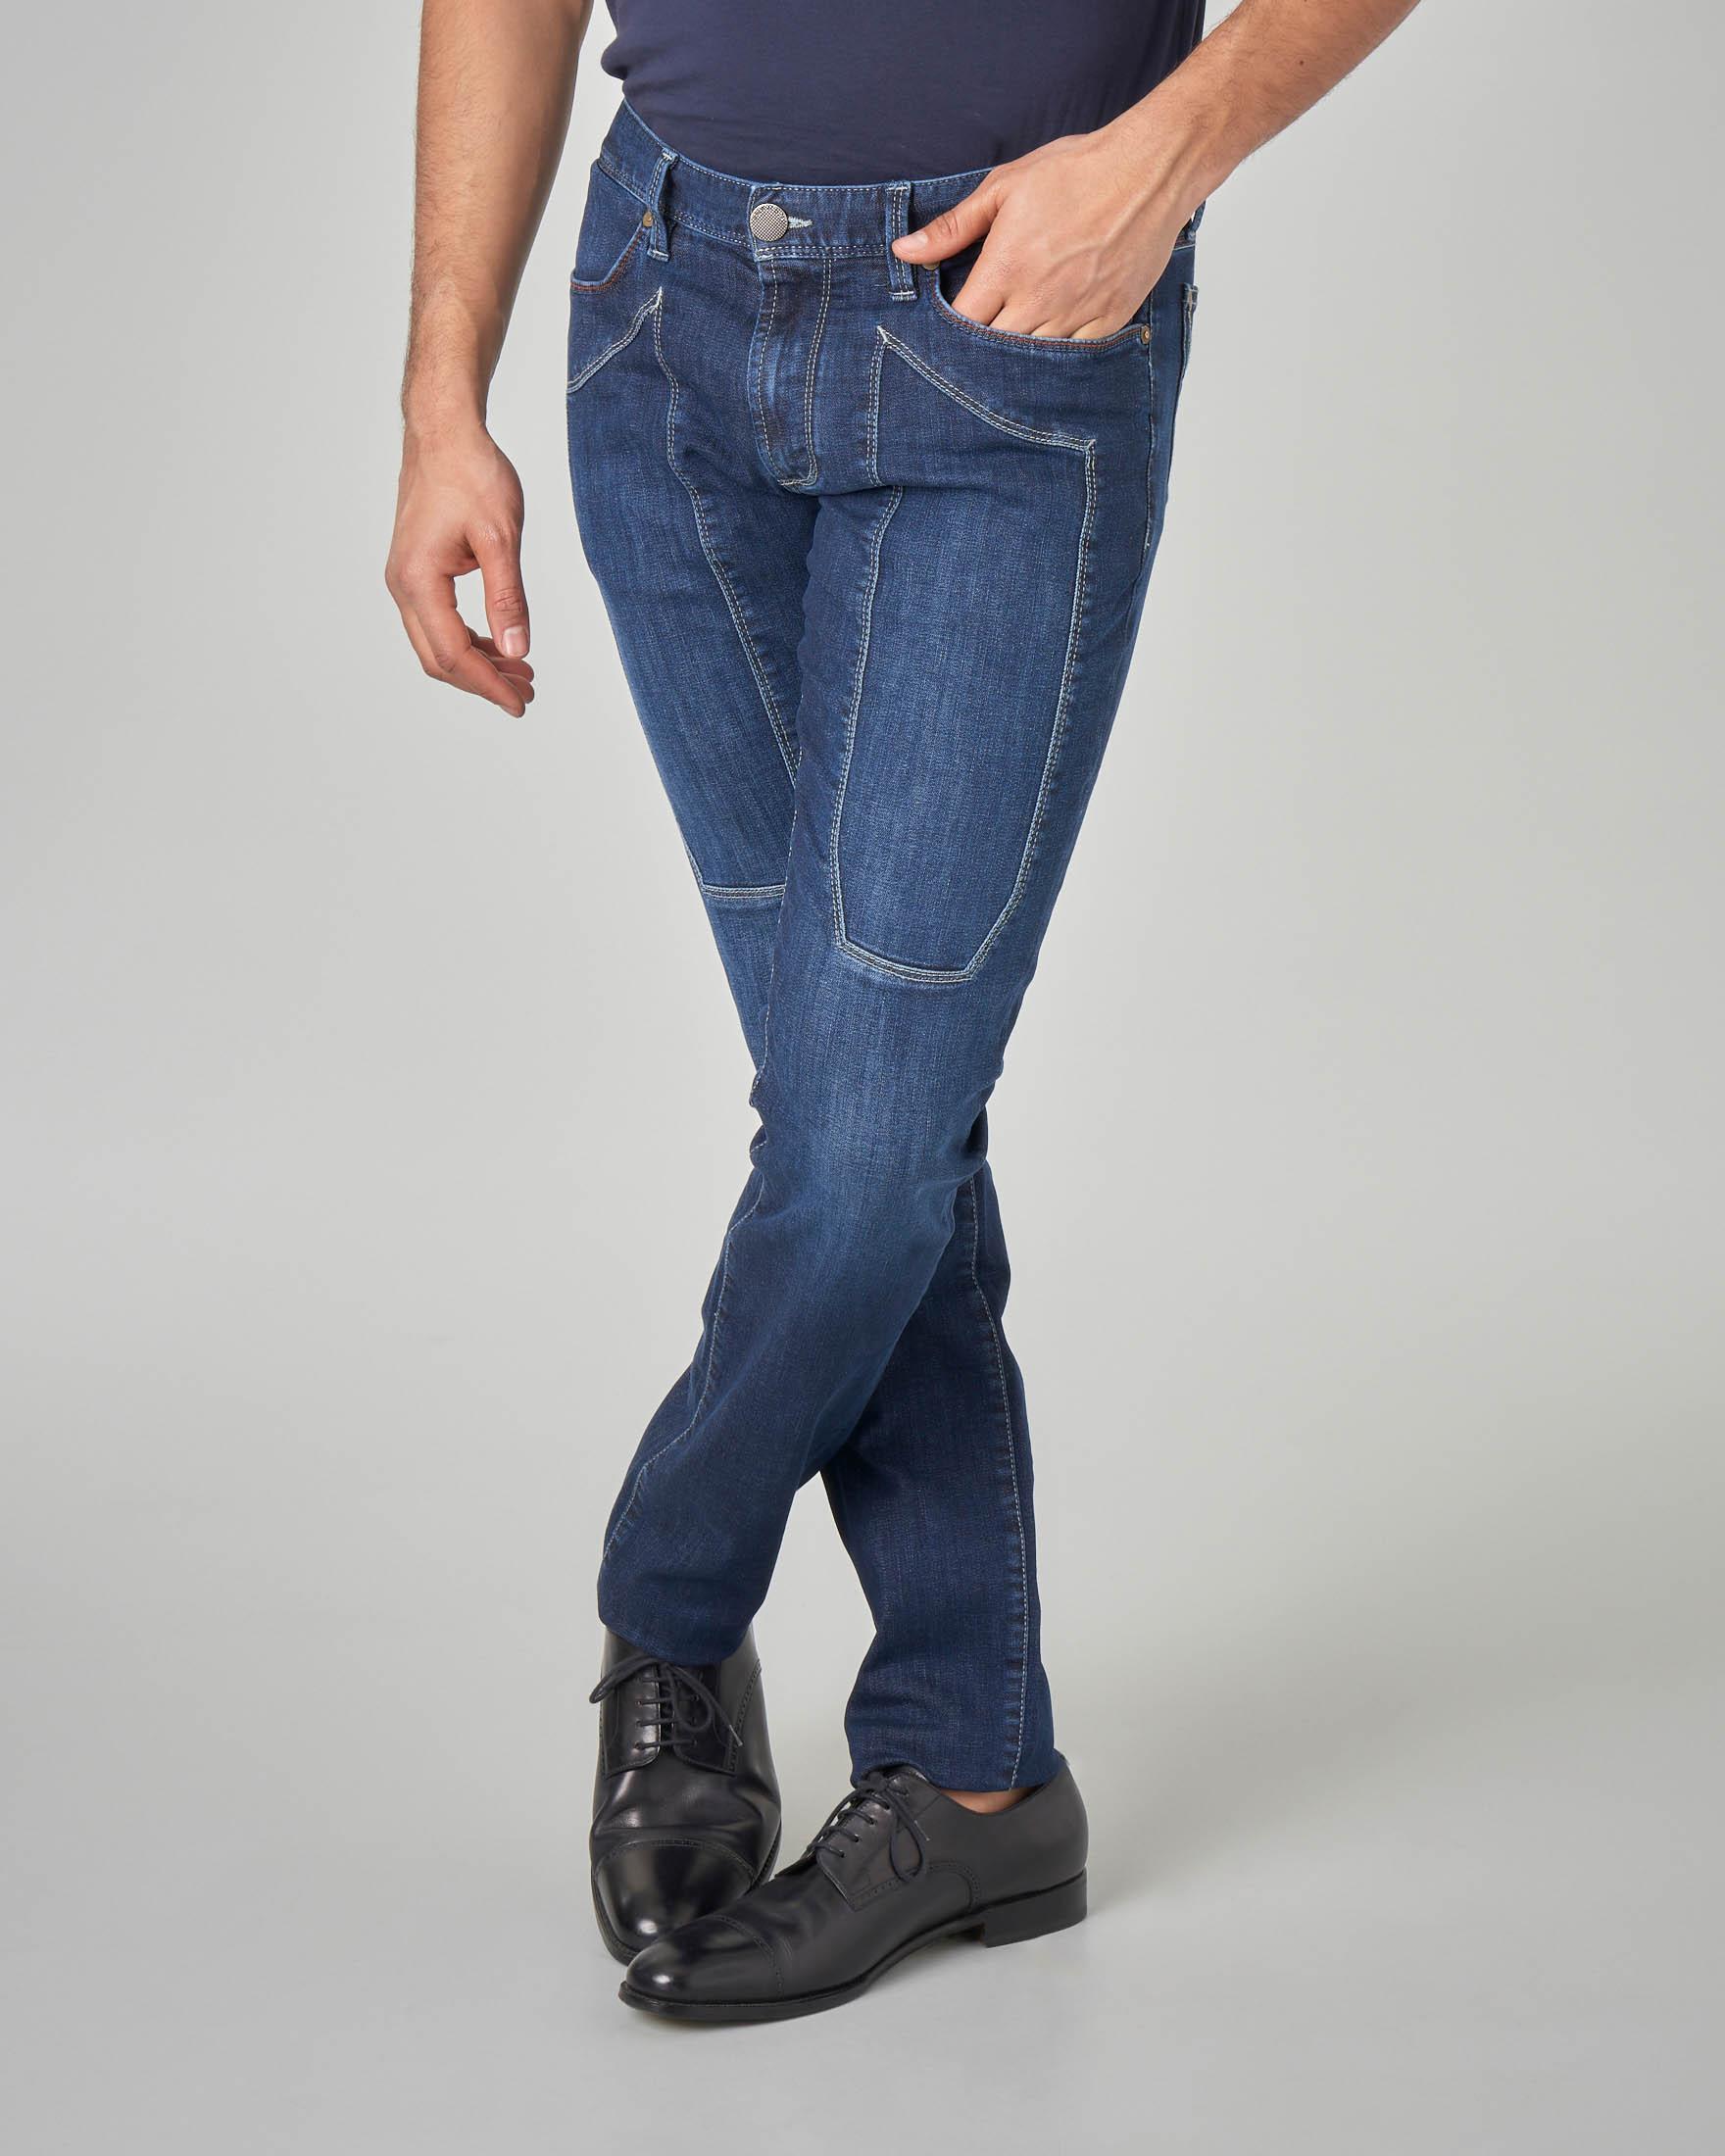 Jeans PA77 con toppa lavaggio medio-scuro